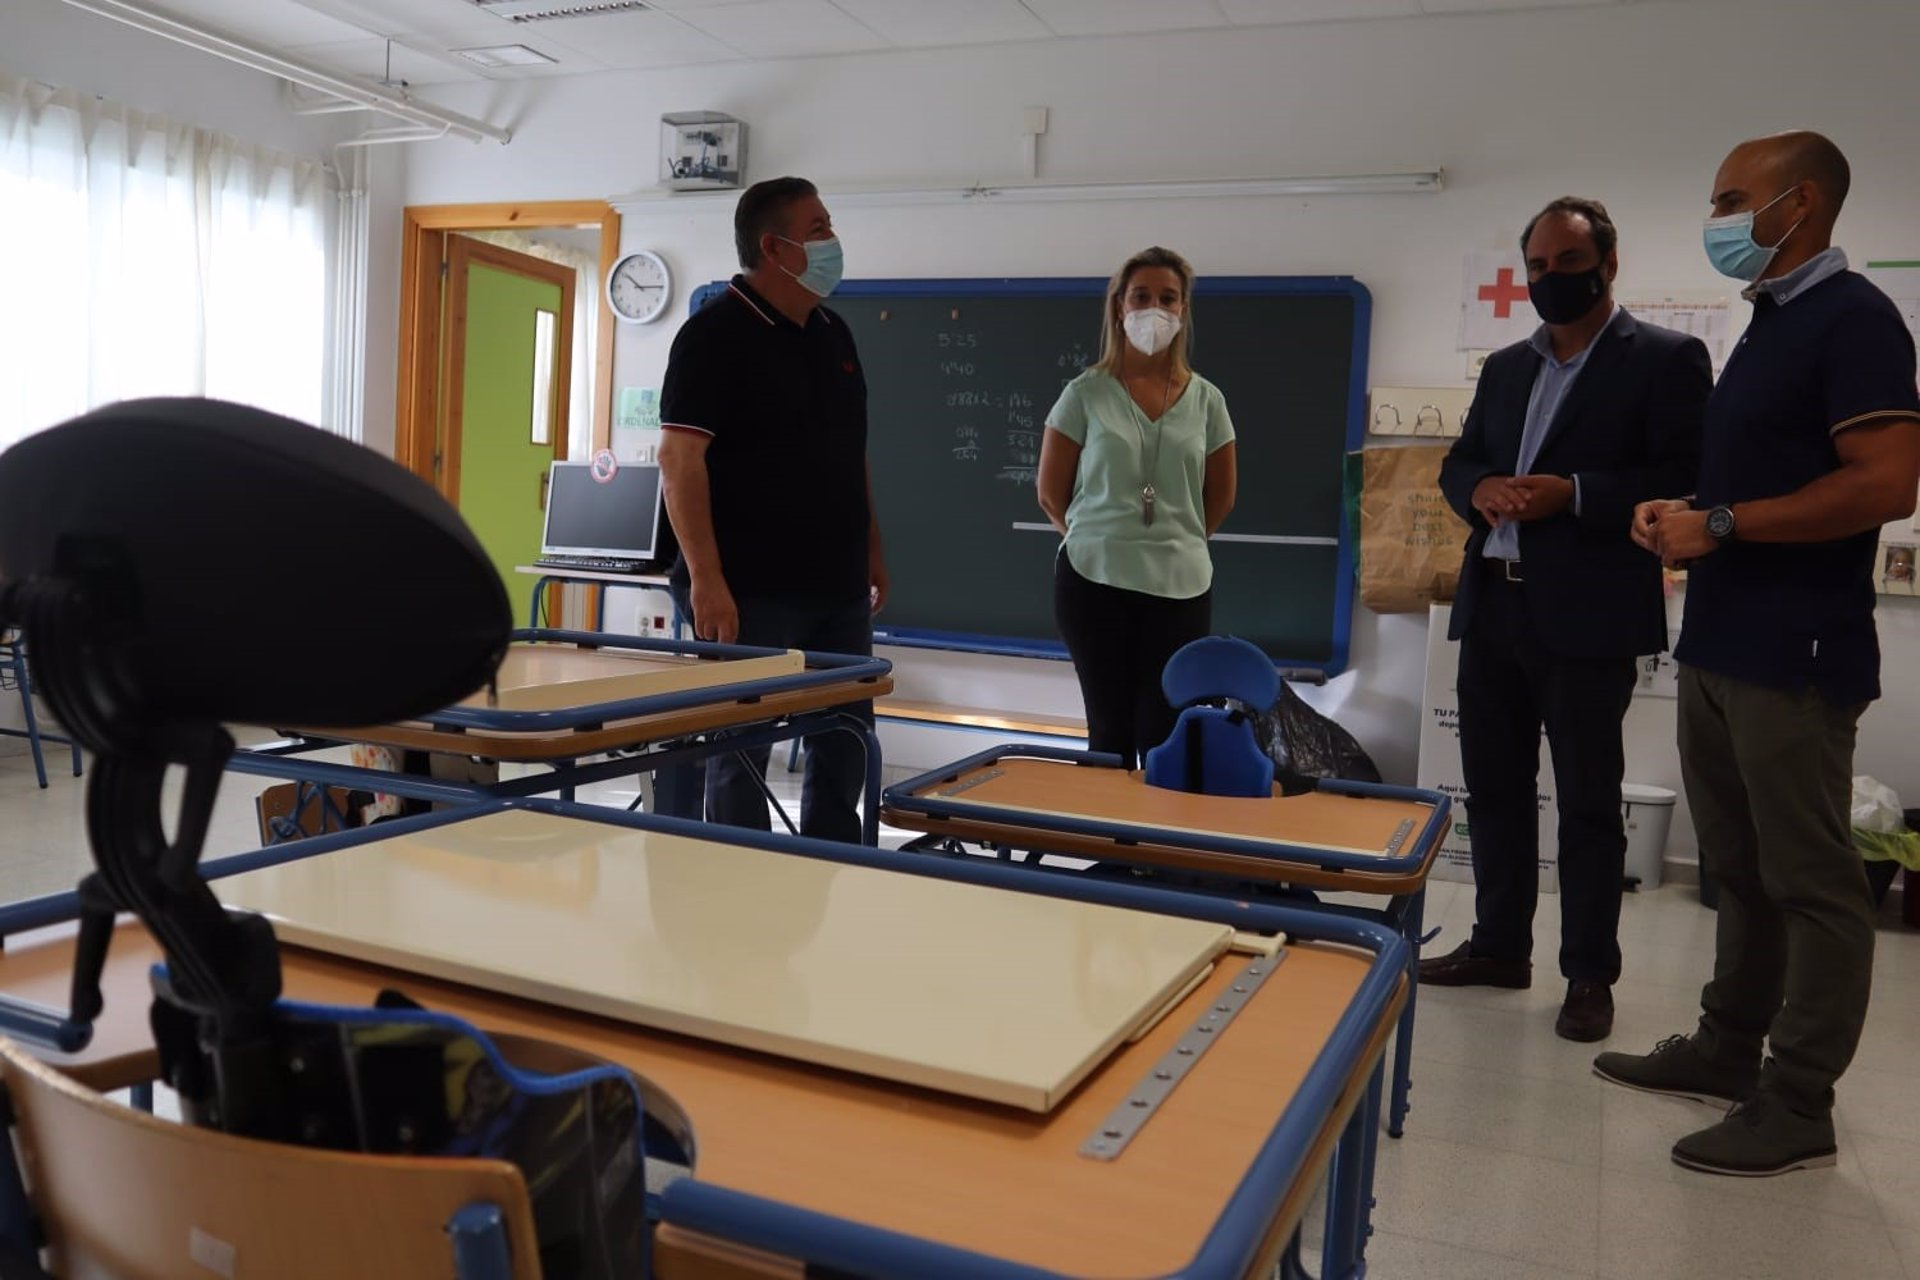 Sevilla.-Alcalá de Guadaíra invierte 700.000 euros en mantenimiento, accesibilidad y climatización de colegios